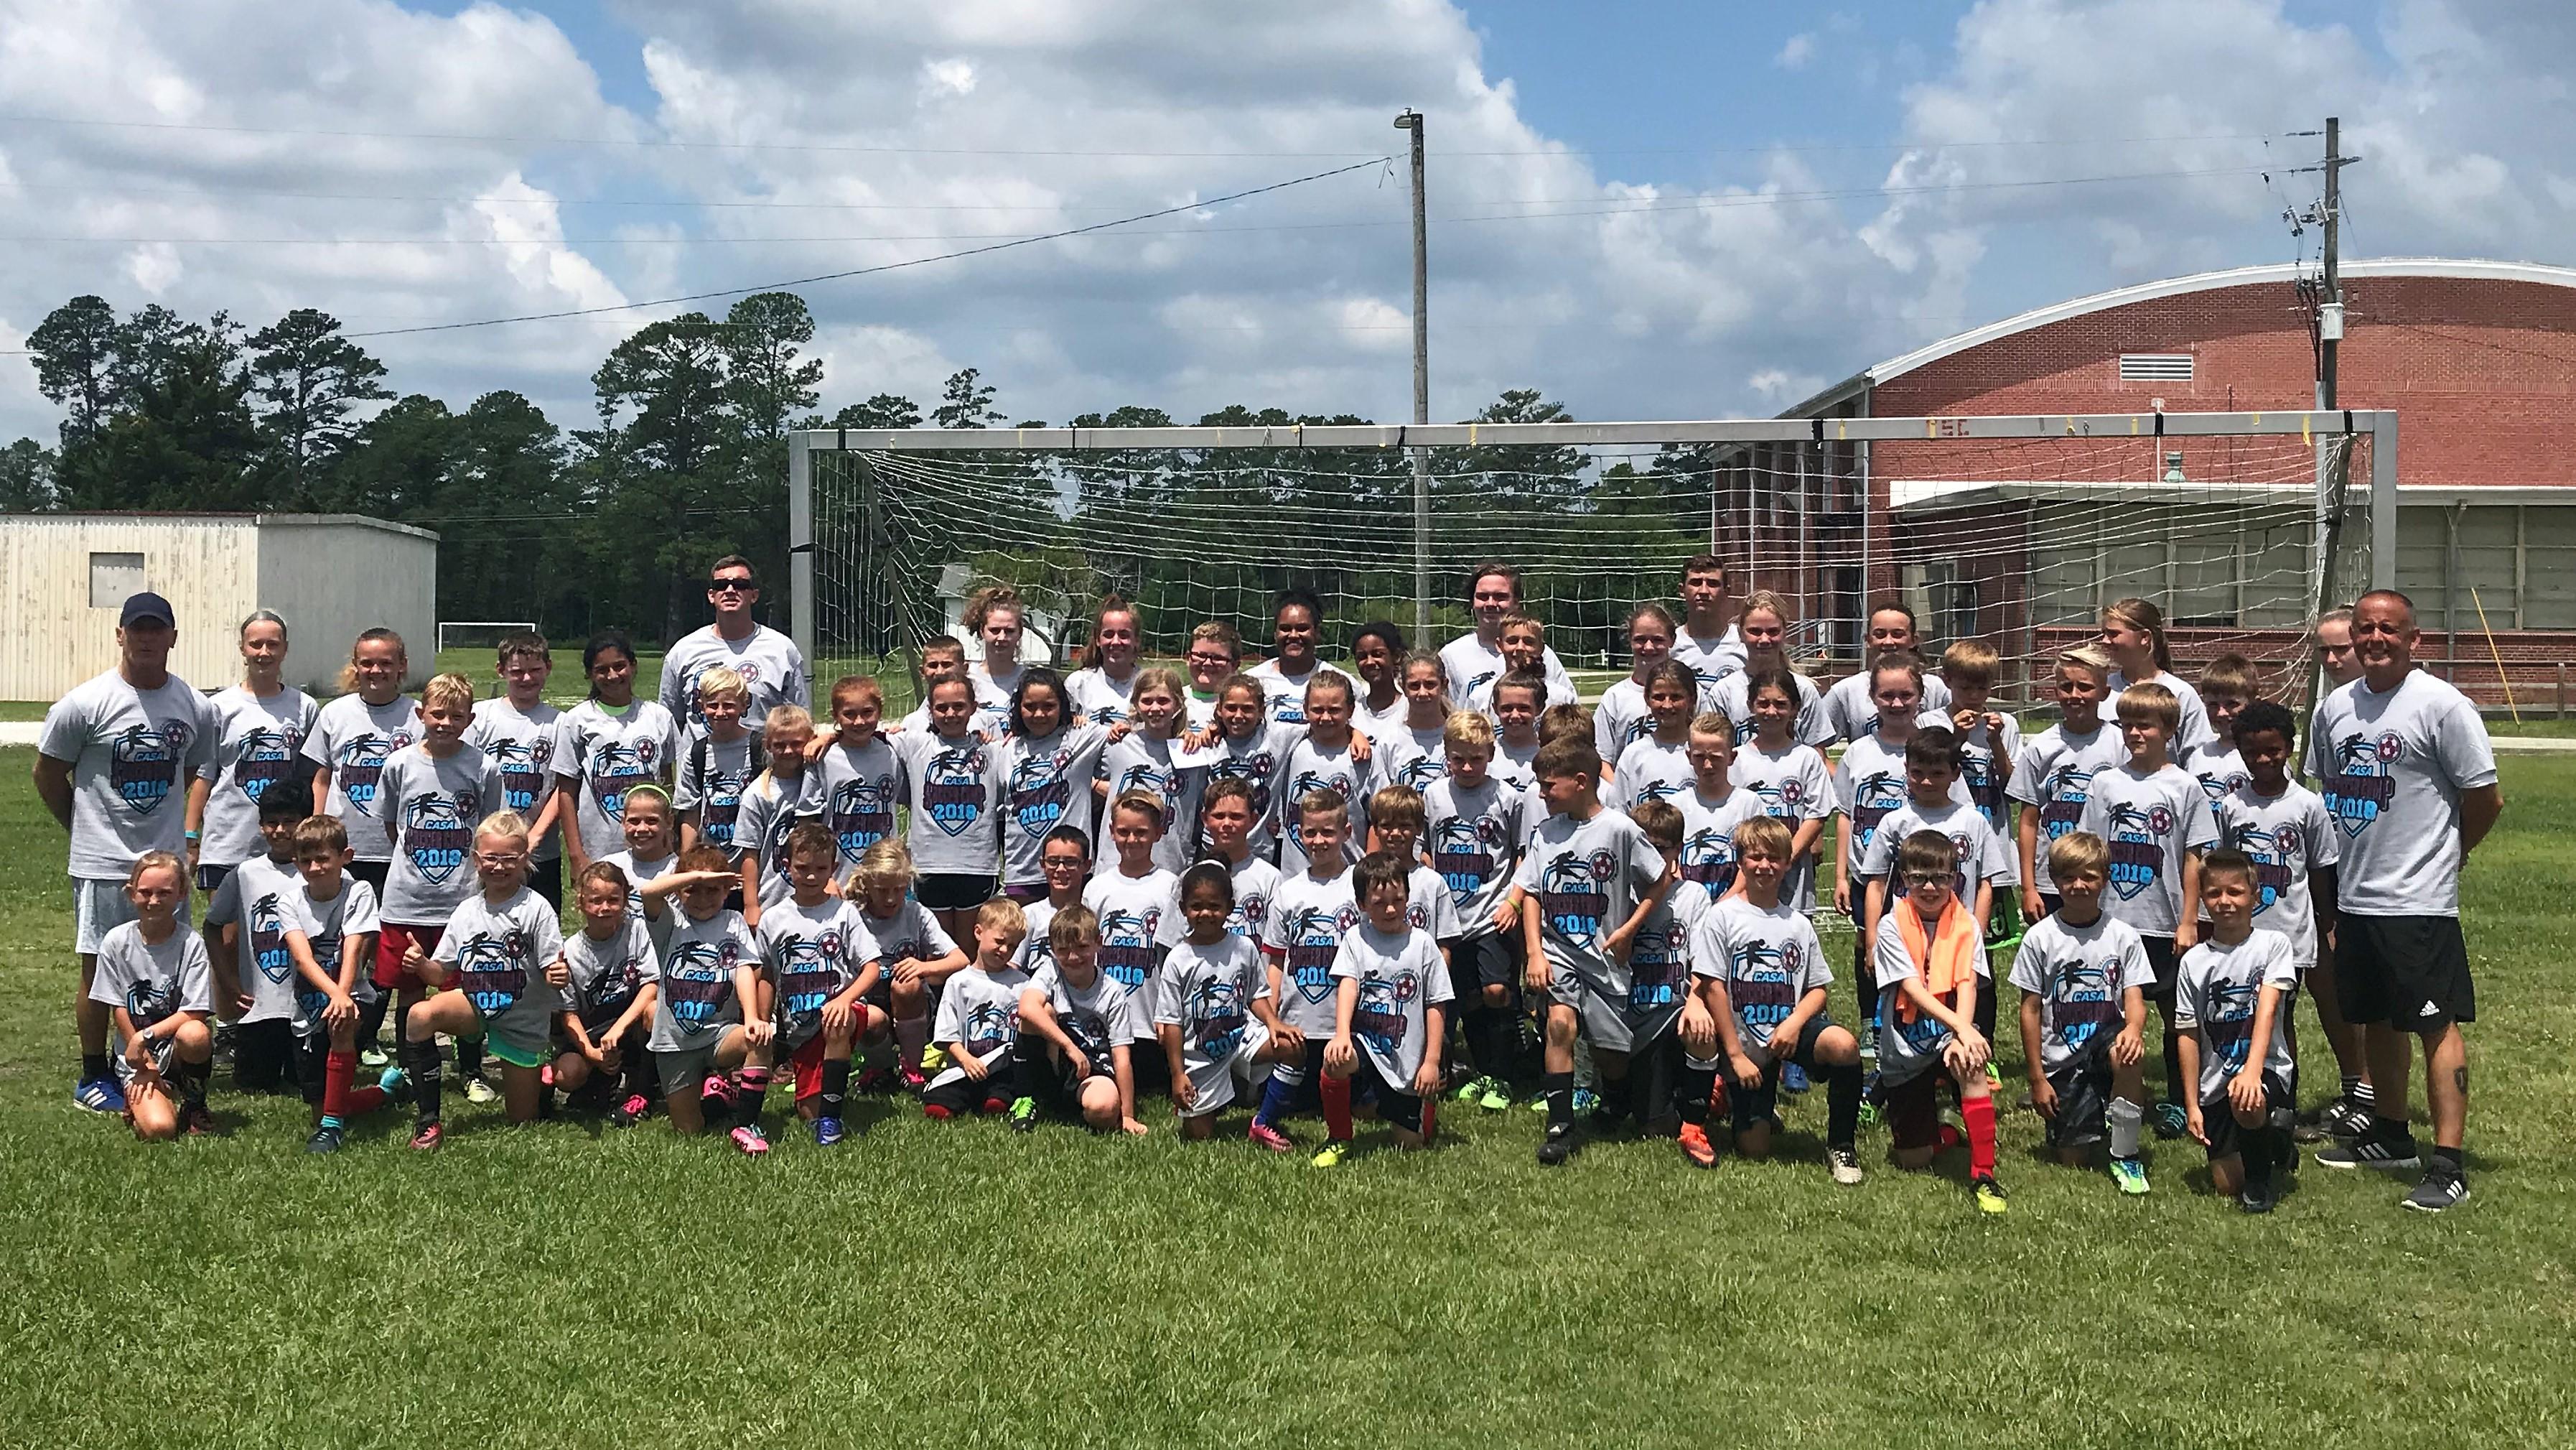 Ava's Story - CASA Soccer Camp